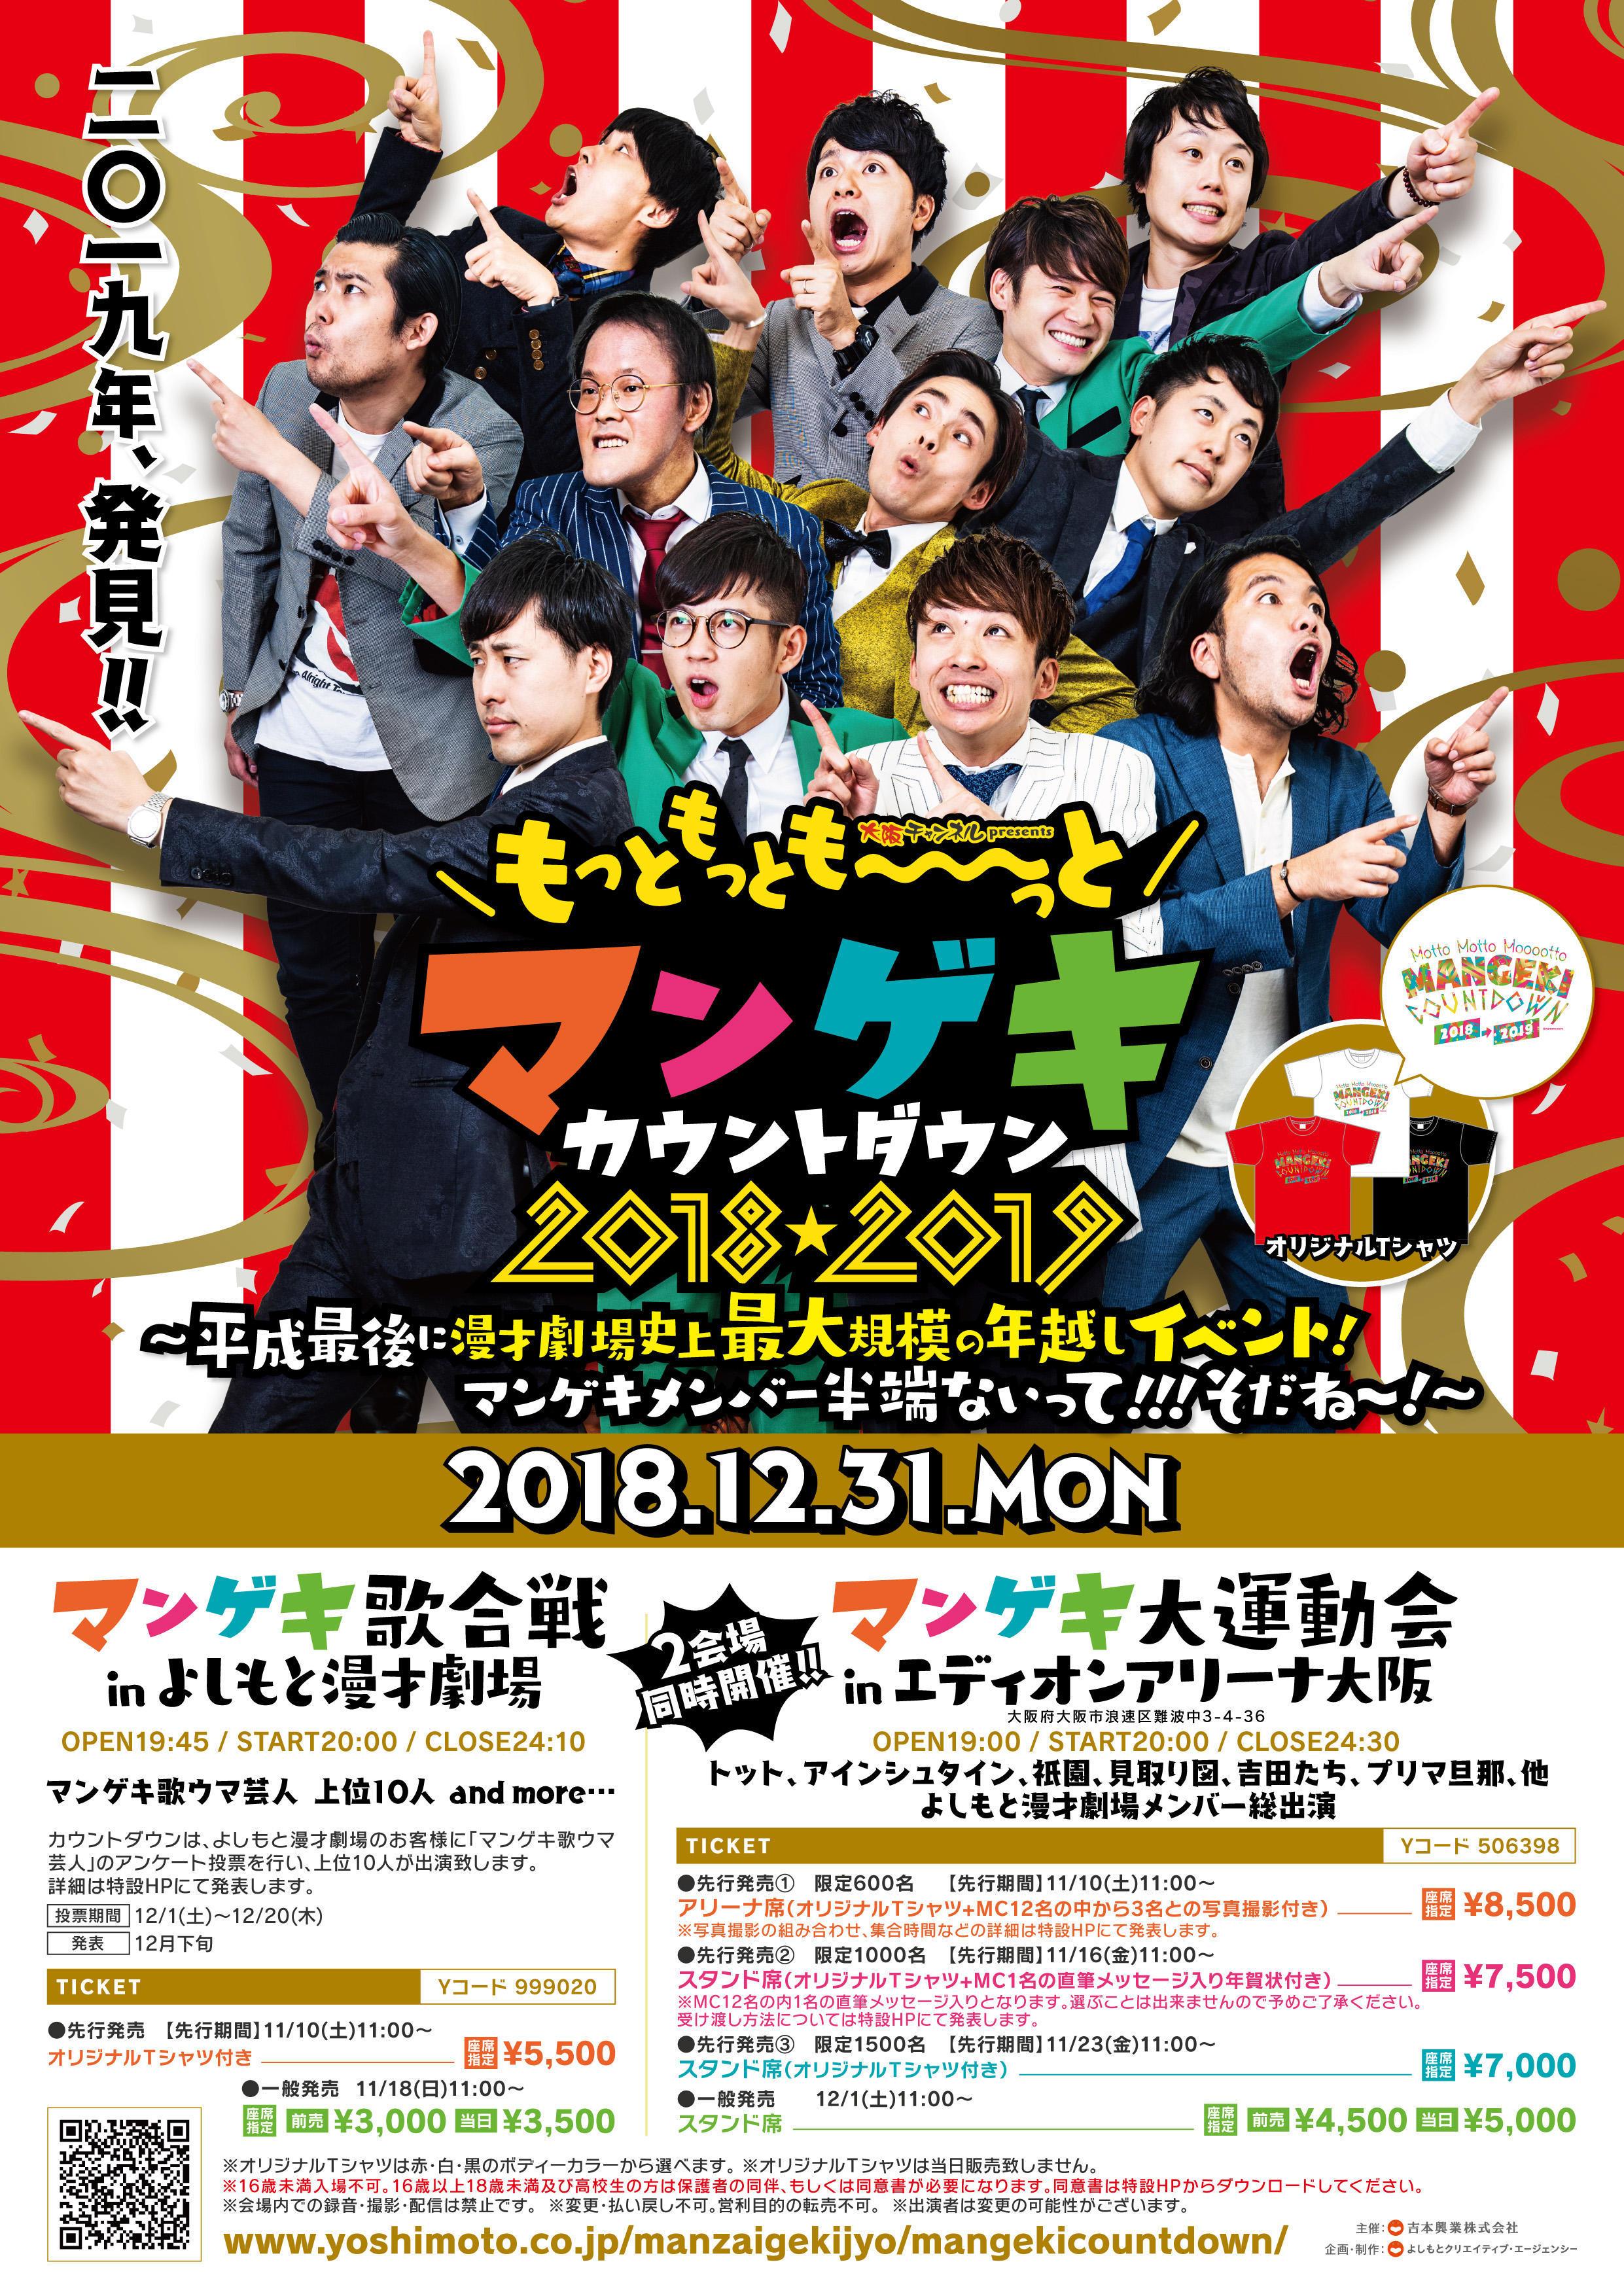 http://news.yoshimoto.co.jp/20181225103326-7dee3e91a6c3f7803ce2b40470b06e4eaec44284.jpg